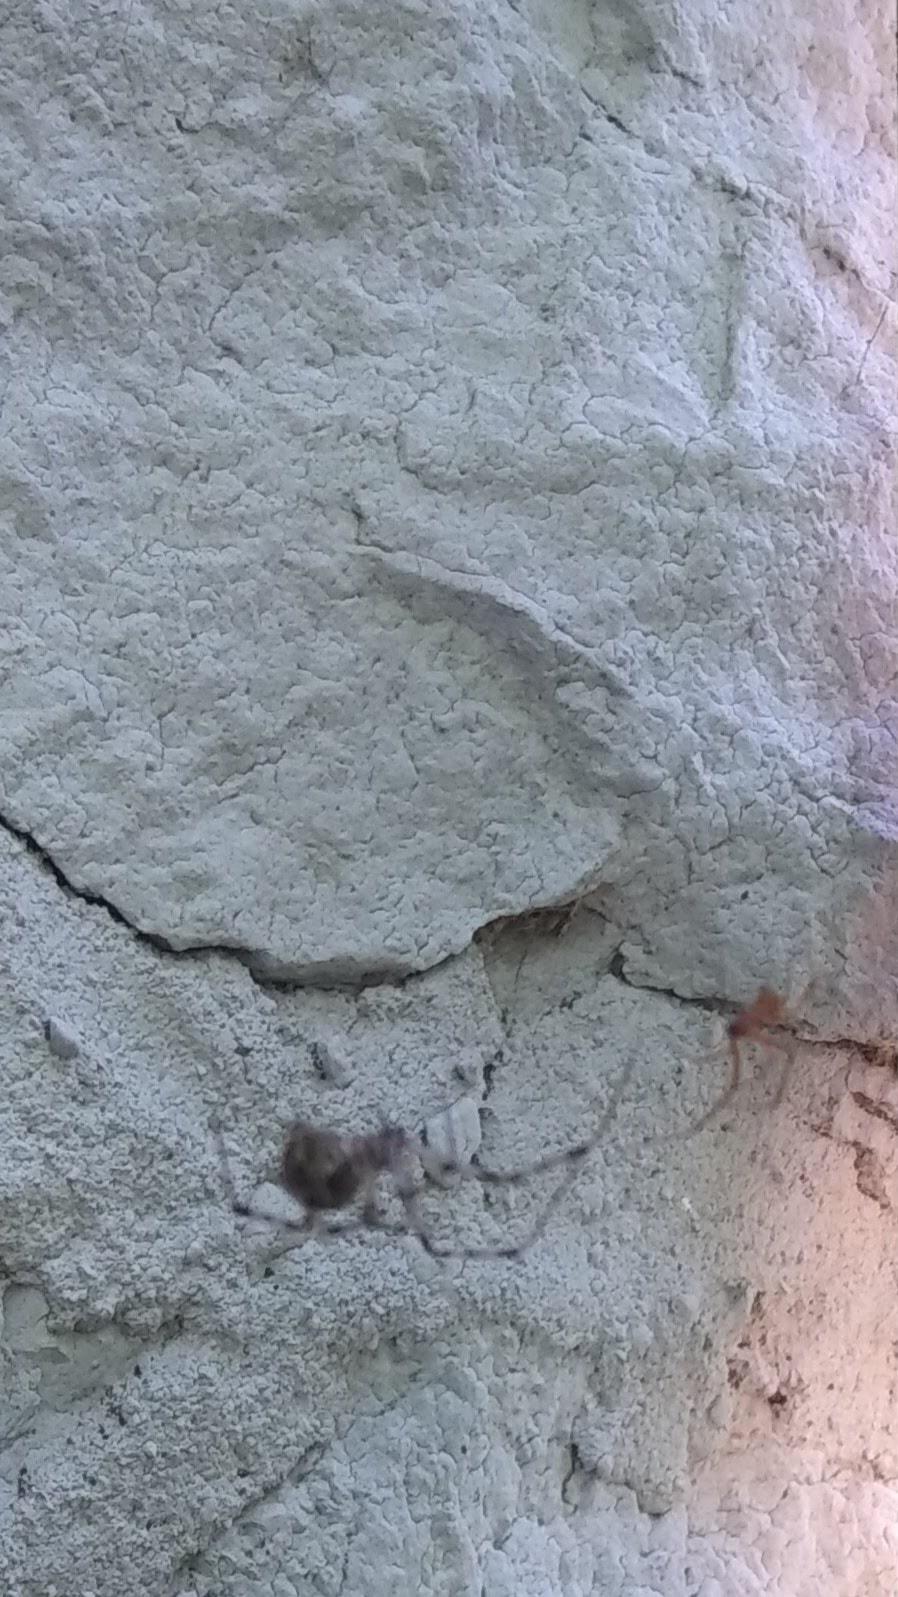 Picture of Parasteatoda tepidariorum (Common House Spider)